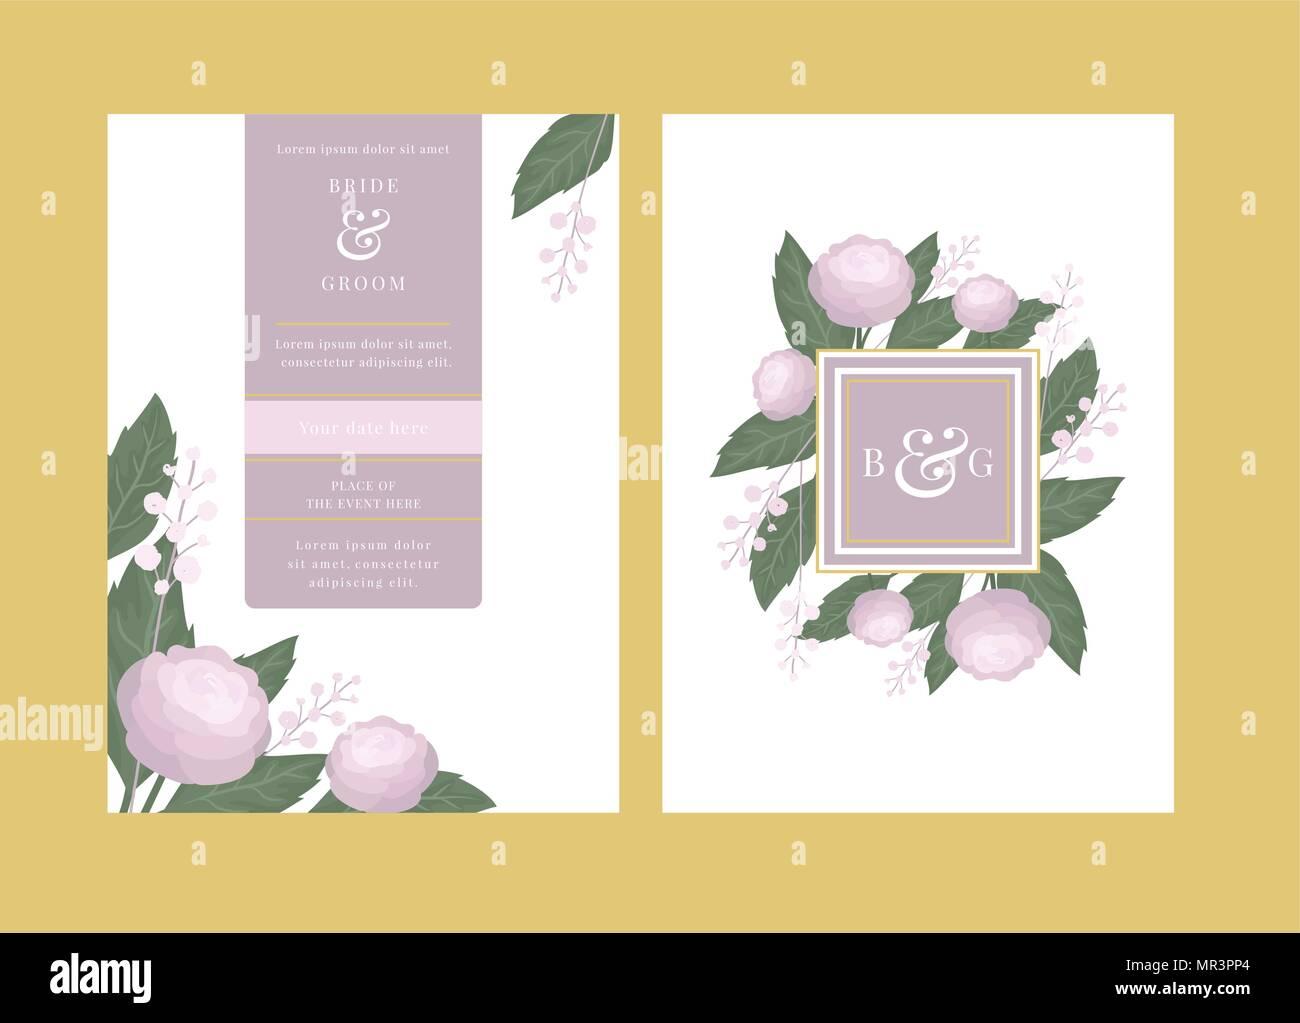 Blumen Hochzeit Einladung Mit Kamelie Blumen Vektor Karte Vorlage